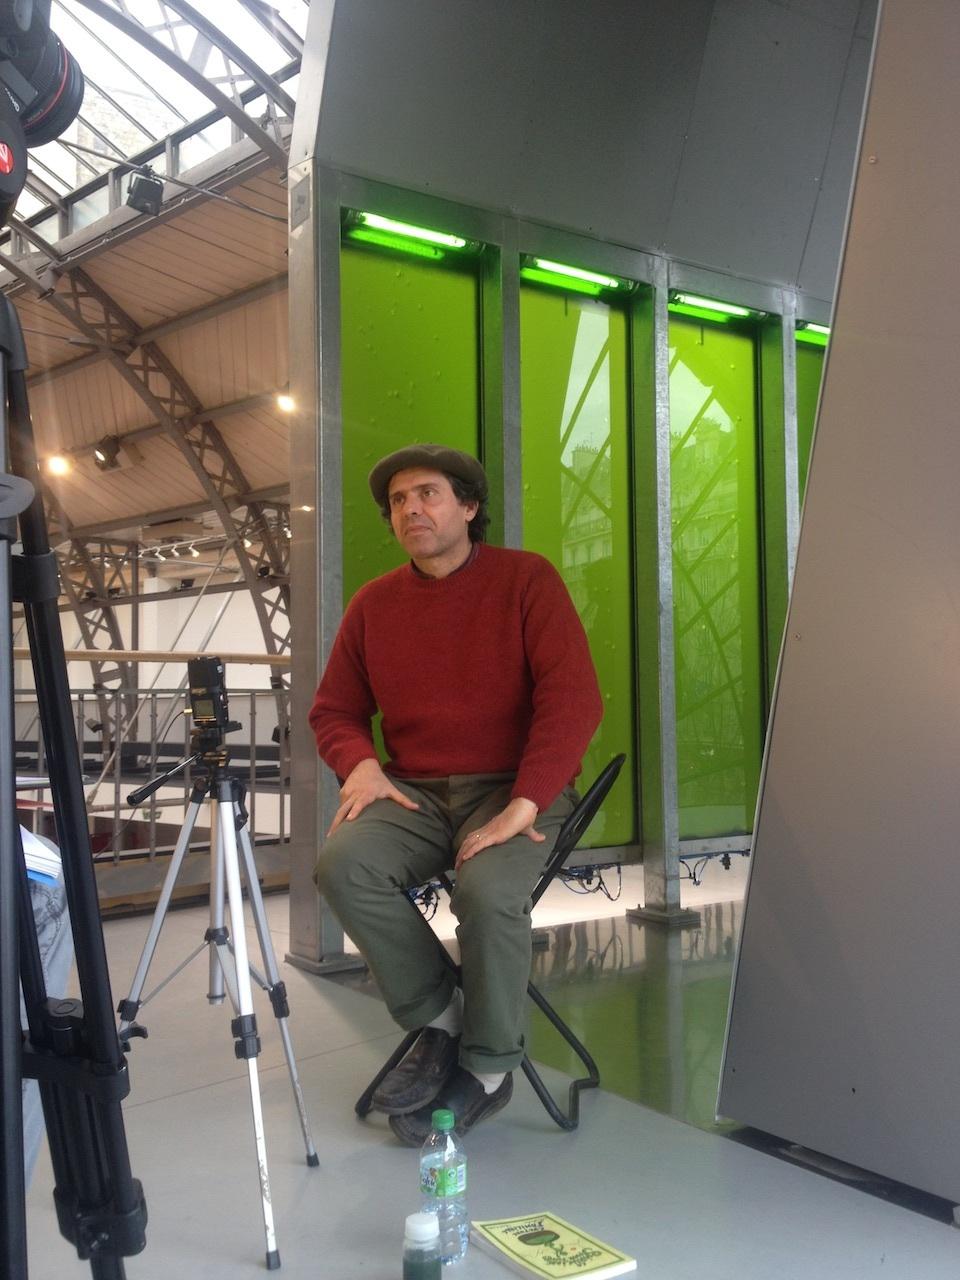 Tournage d'un documentaire sur la spiruline, Arsenal de Paris, janvier 2014.